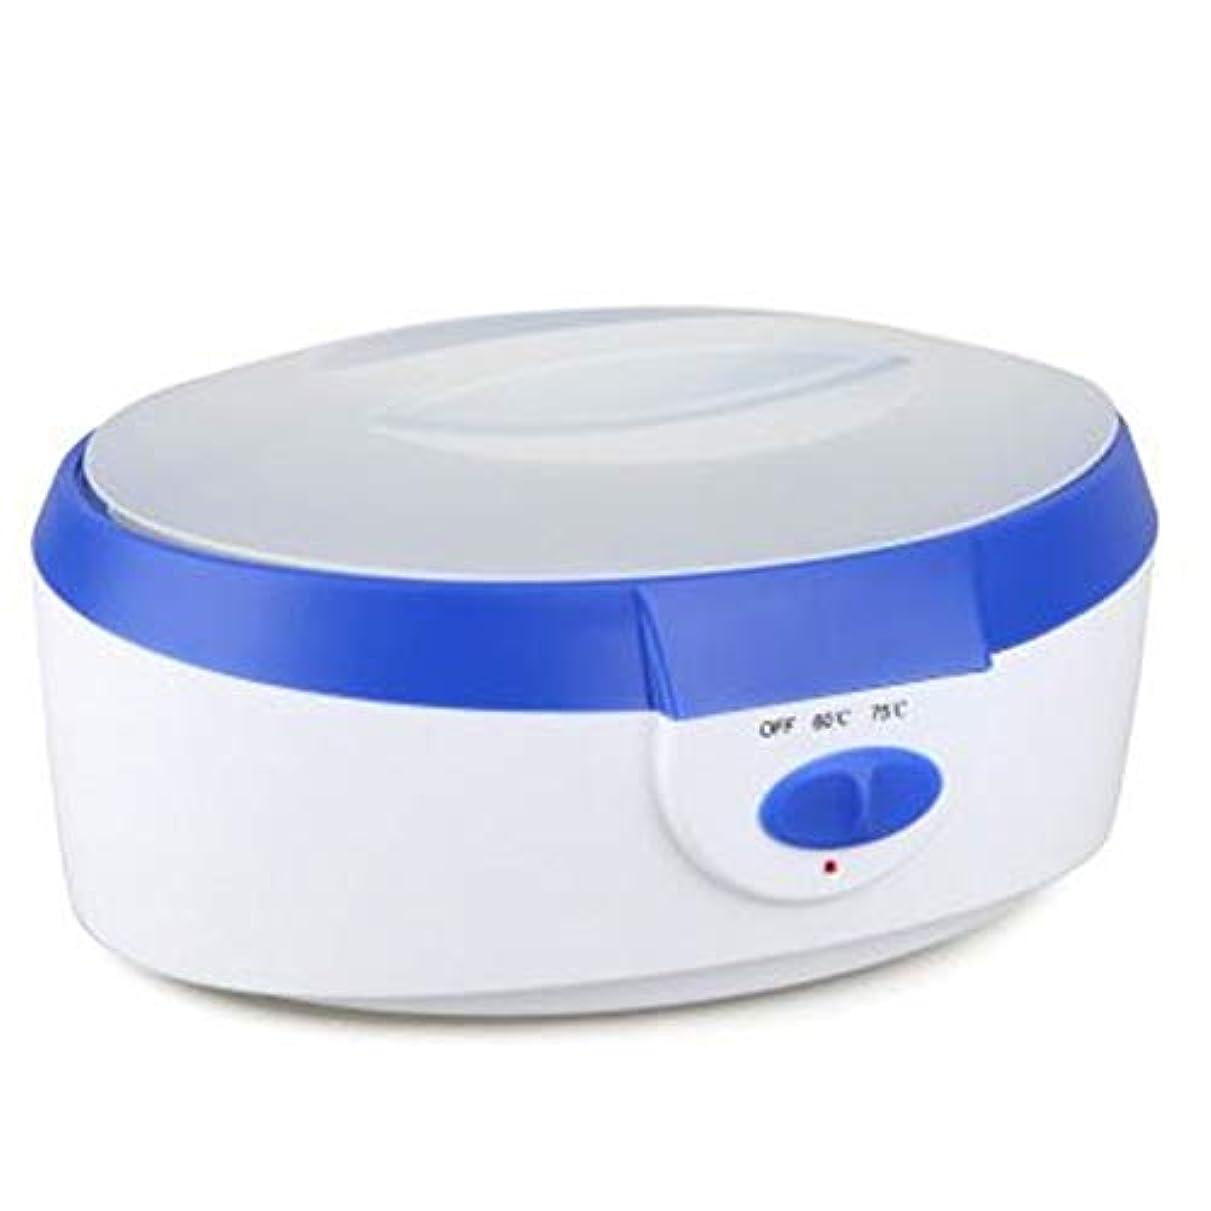 脱走中絶こどもセンター2.5Lパラフィンワックスのヒーターの皮の処置機械高容量の毛の取り外しのパラフィン暖房の鍋のワックスのウォーマーセット,ブルー